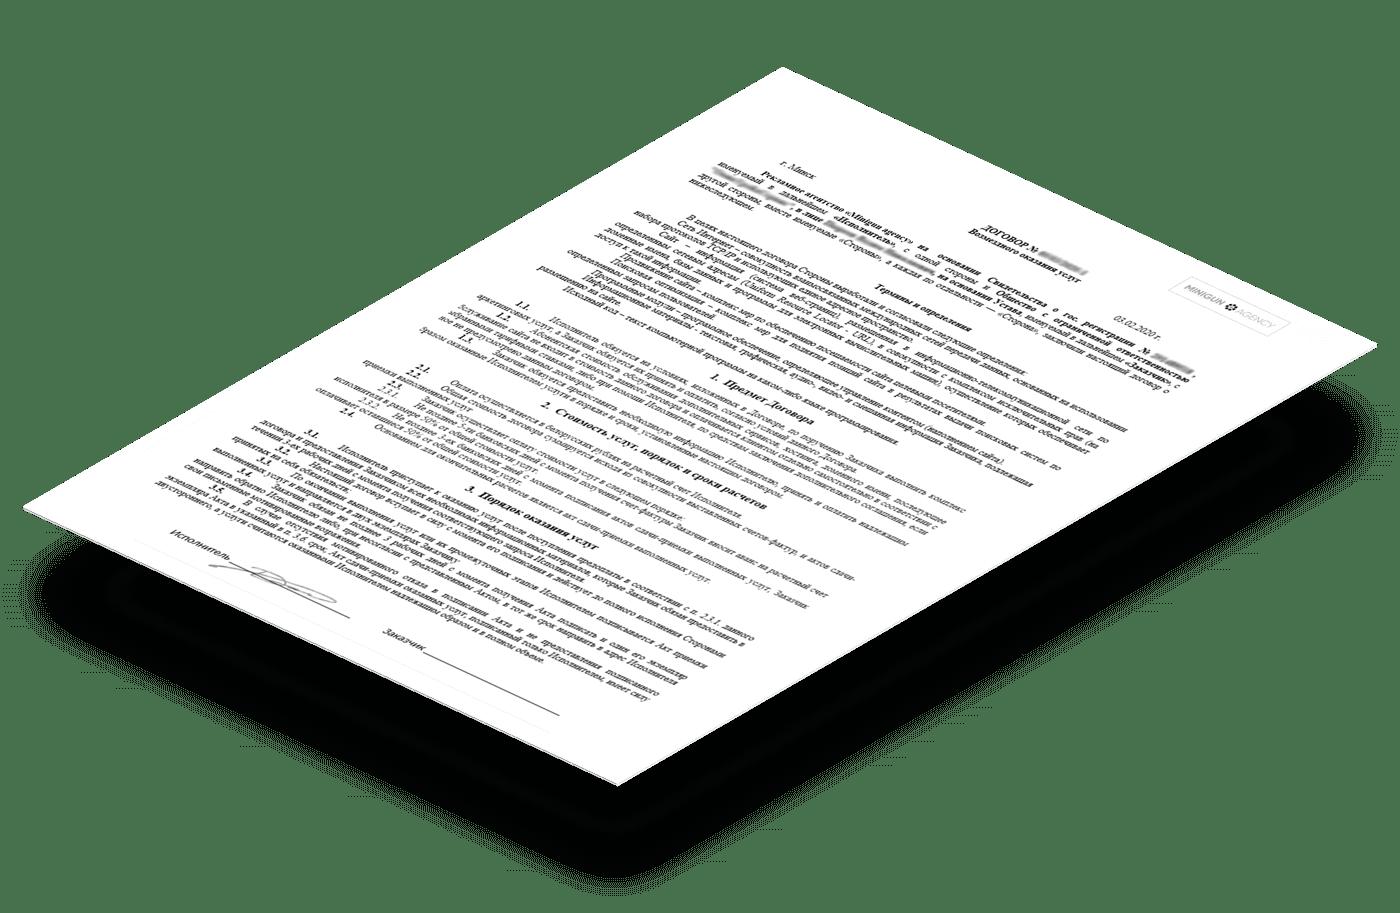 изображение документа